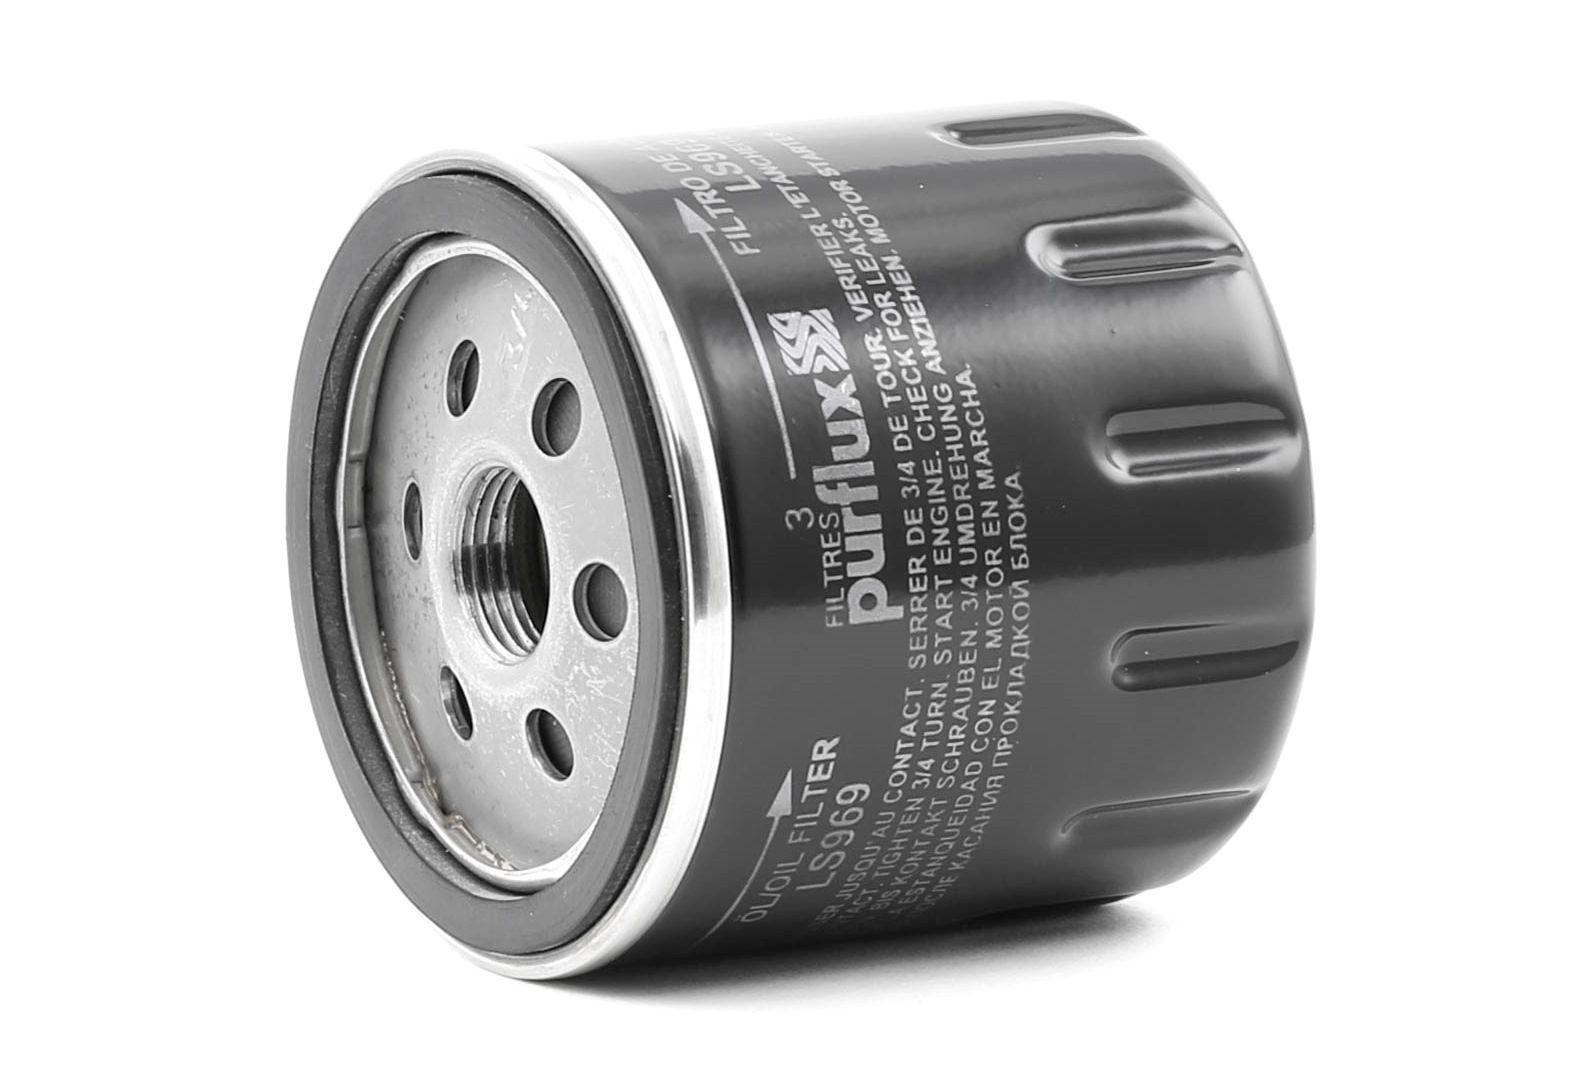 Achetez Filtre à huile PURFLUX LS969 (Ø: 78mm, Hauteur: 78mm) à un rapport qualité-prix exceptionnel